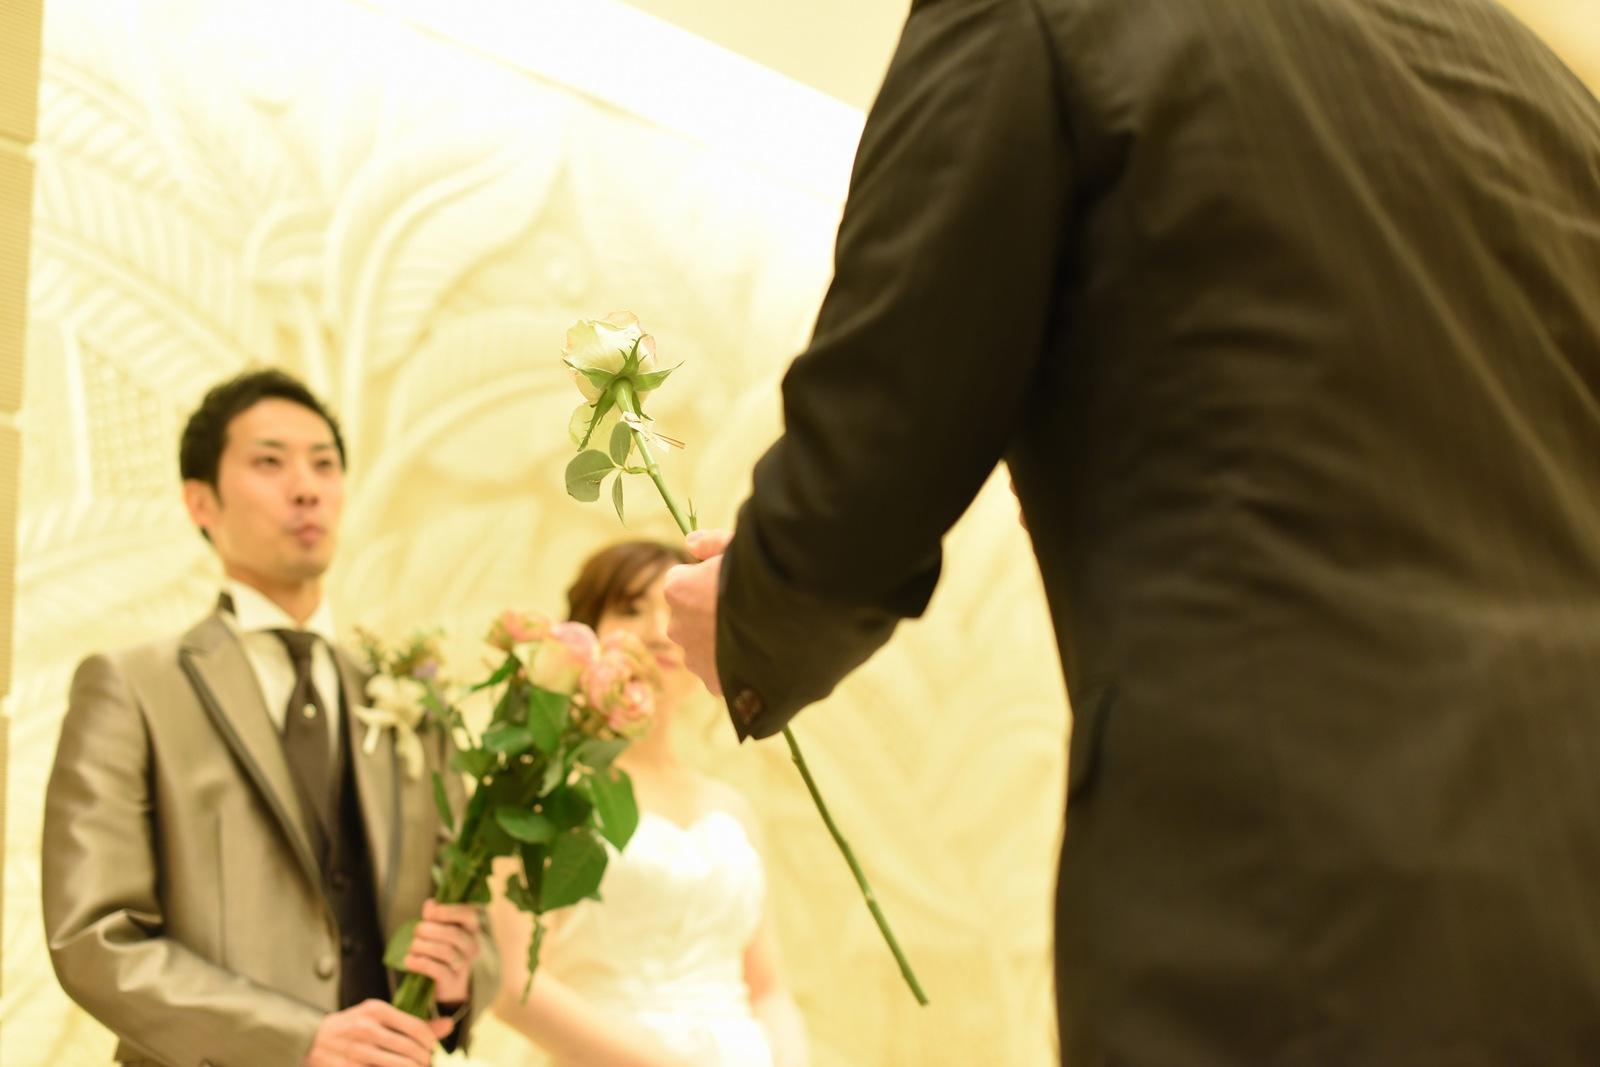 高松市の結婚式場アイルバレクラブでゲストも参加してダーズンローズのセレモニー